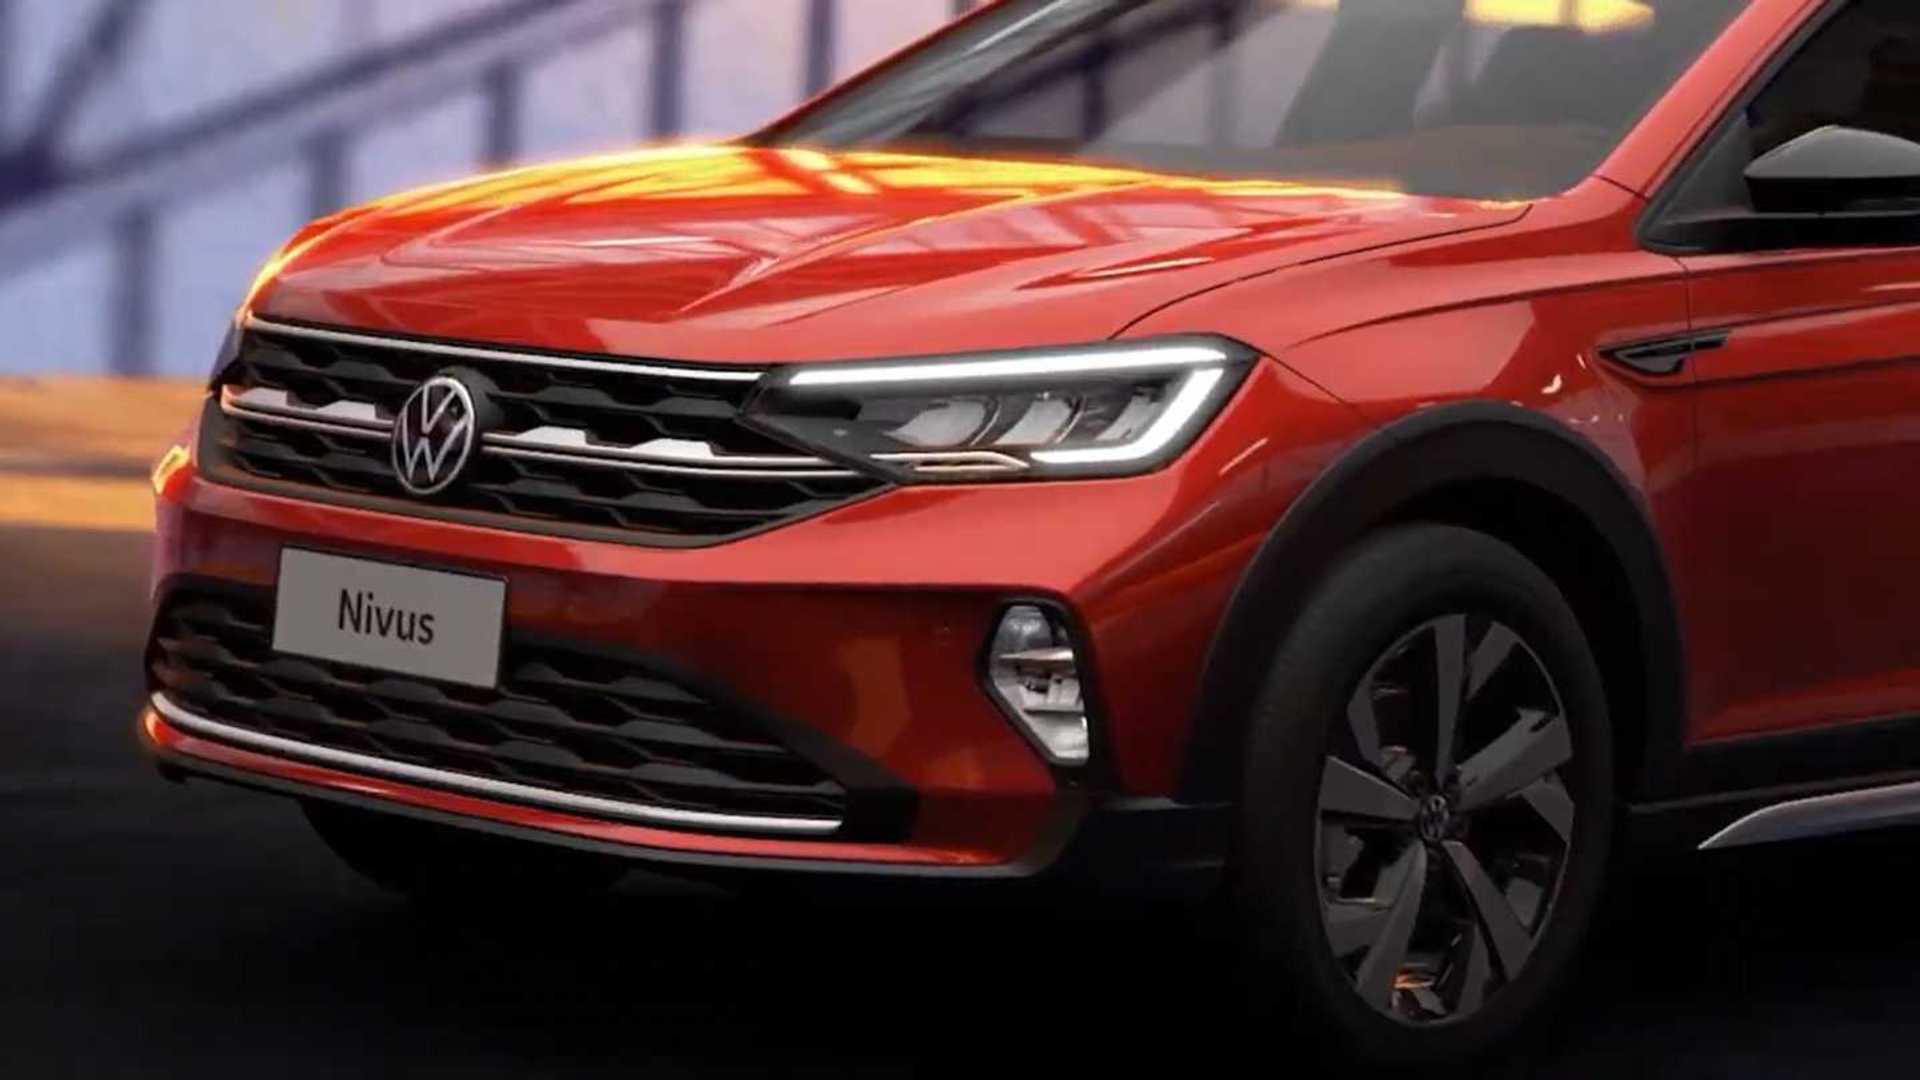 Volkswagen Nivus (2020) 56